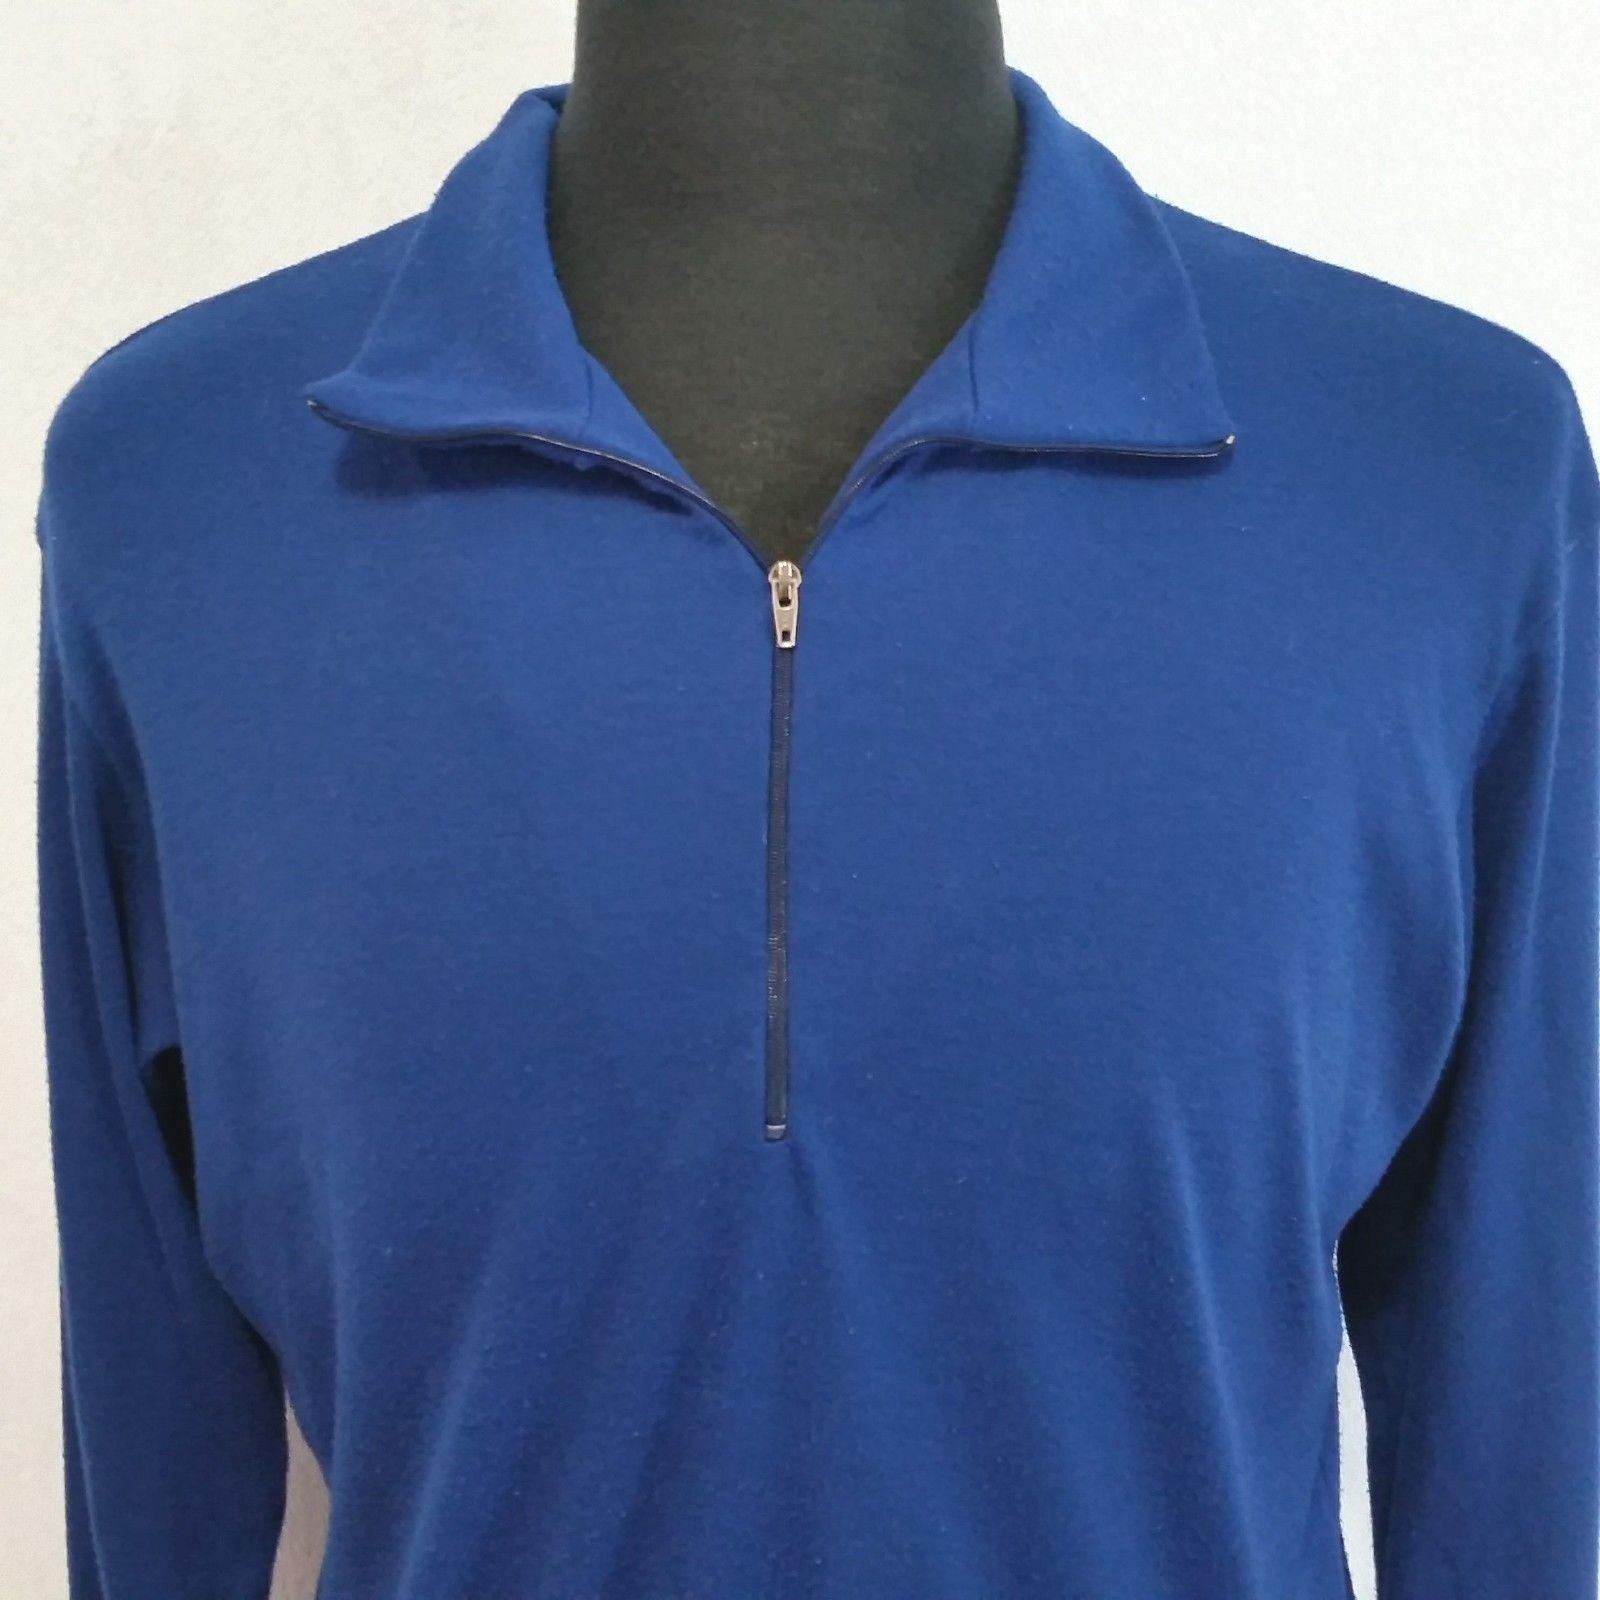 Patagonia  Herren Blau Large Pullover Base Layer 1/4 Zip Vintage 90s USA Made 1992